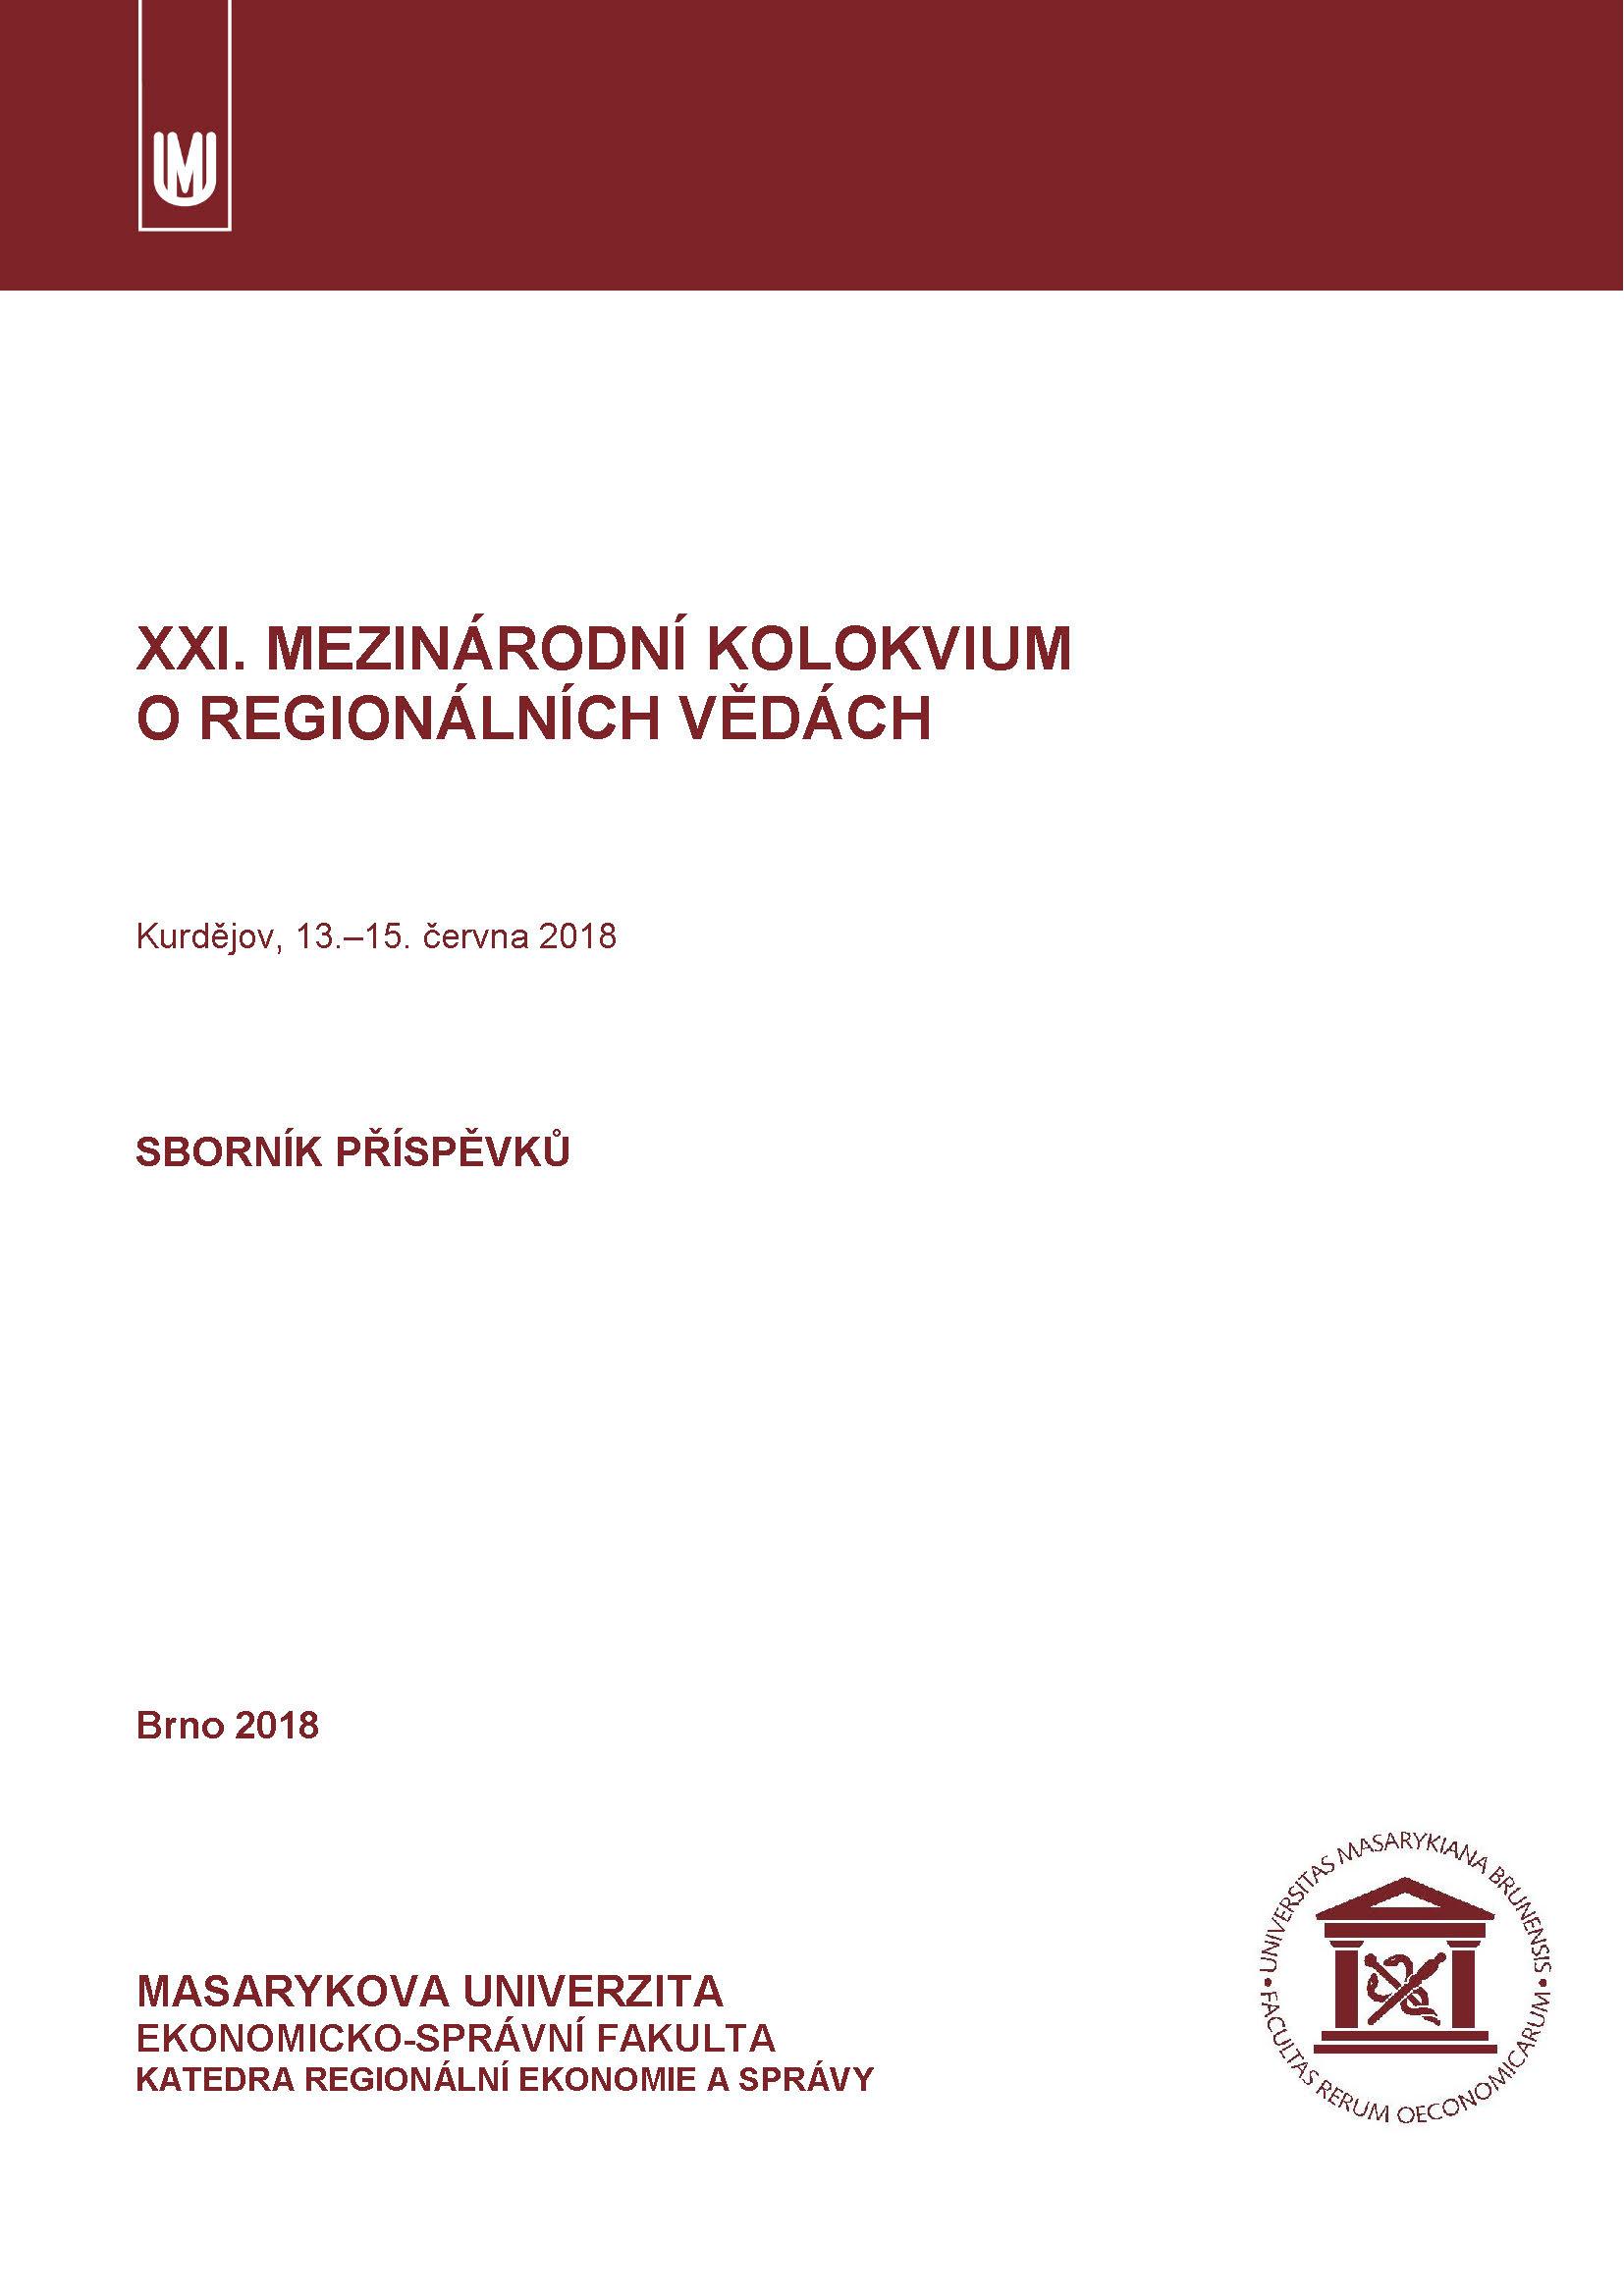 Obálka pro XXI. mezinárodní kolokvium o regionálních vědách. Sborník příspěvků